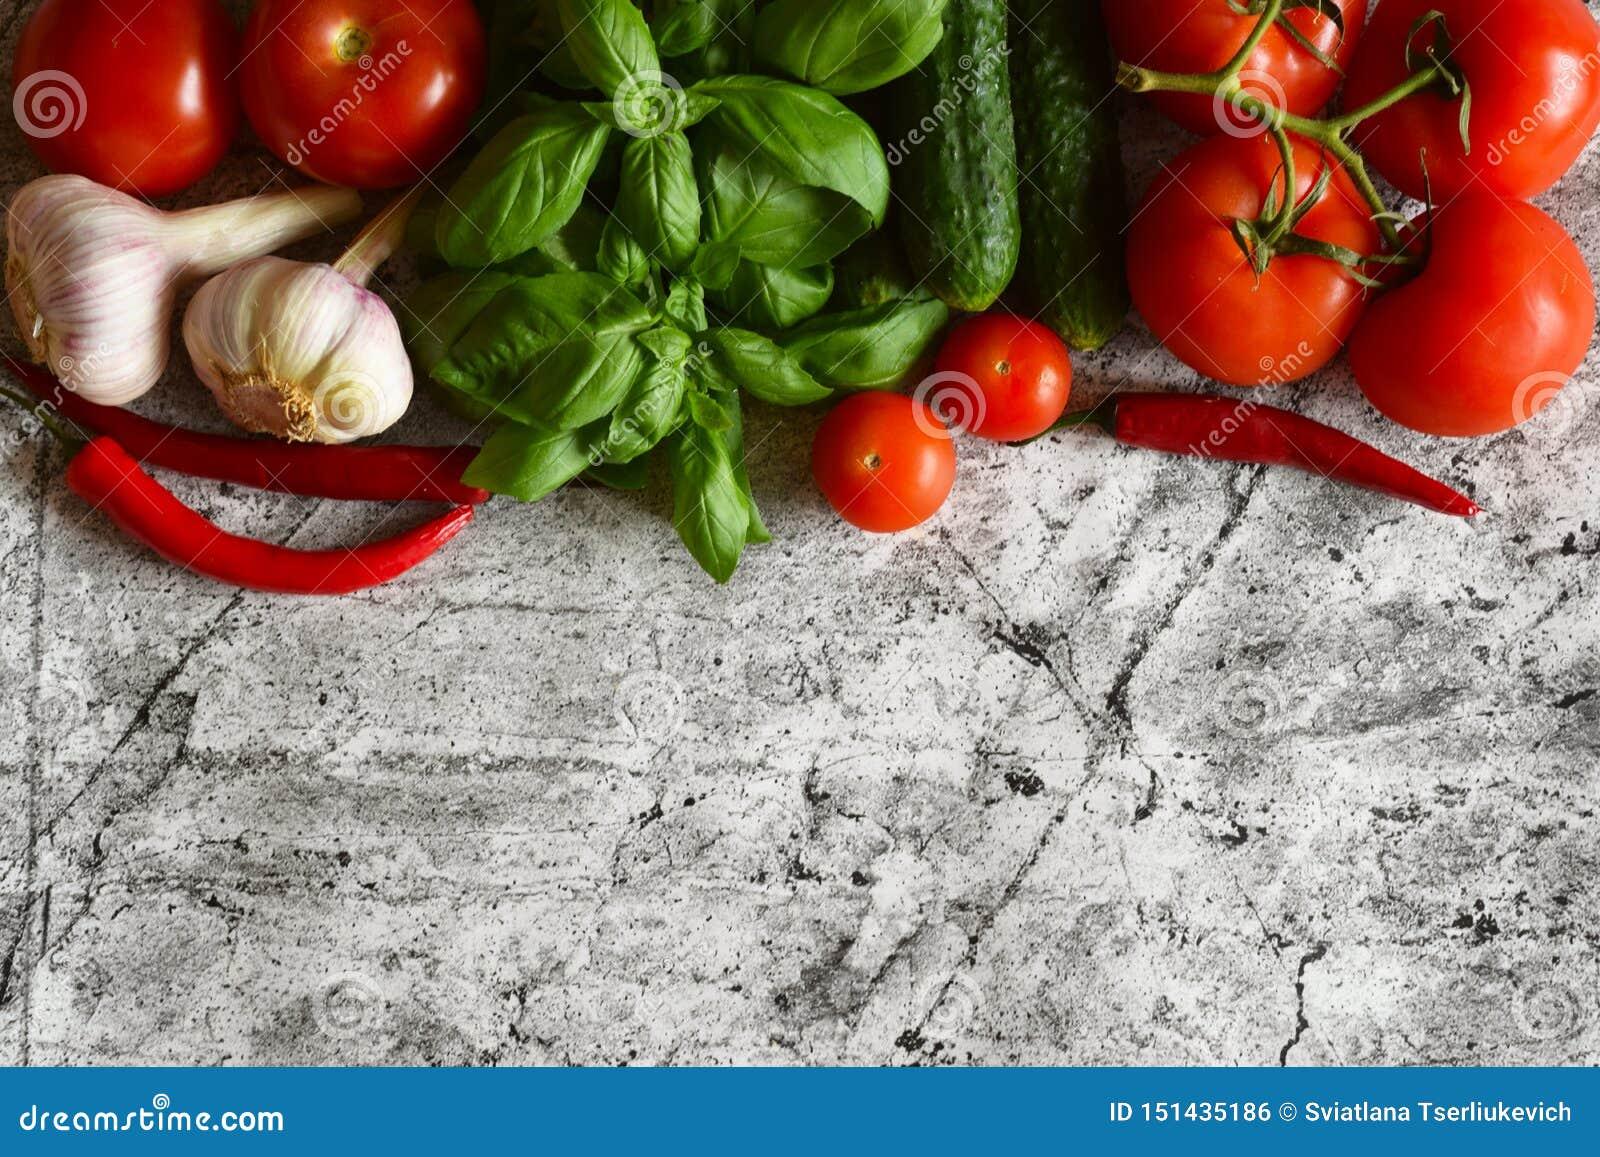 Διαφορετικά λαχανικά σε ένα όμορφο υπόβαθρο: ώριμες ντομάτες, αγγούρια, σκόρδο, ευώδης βασιλικός, καυτά πιπέρια